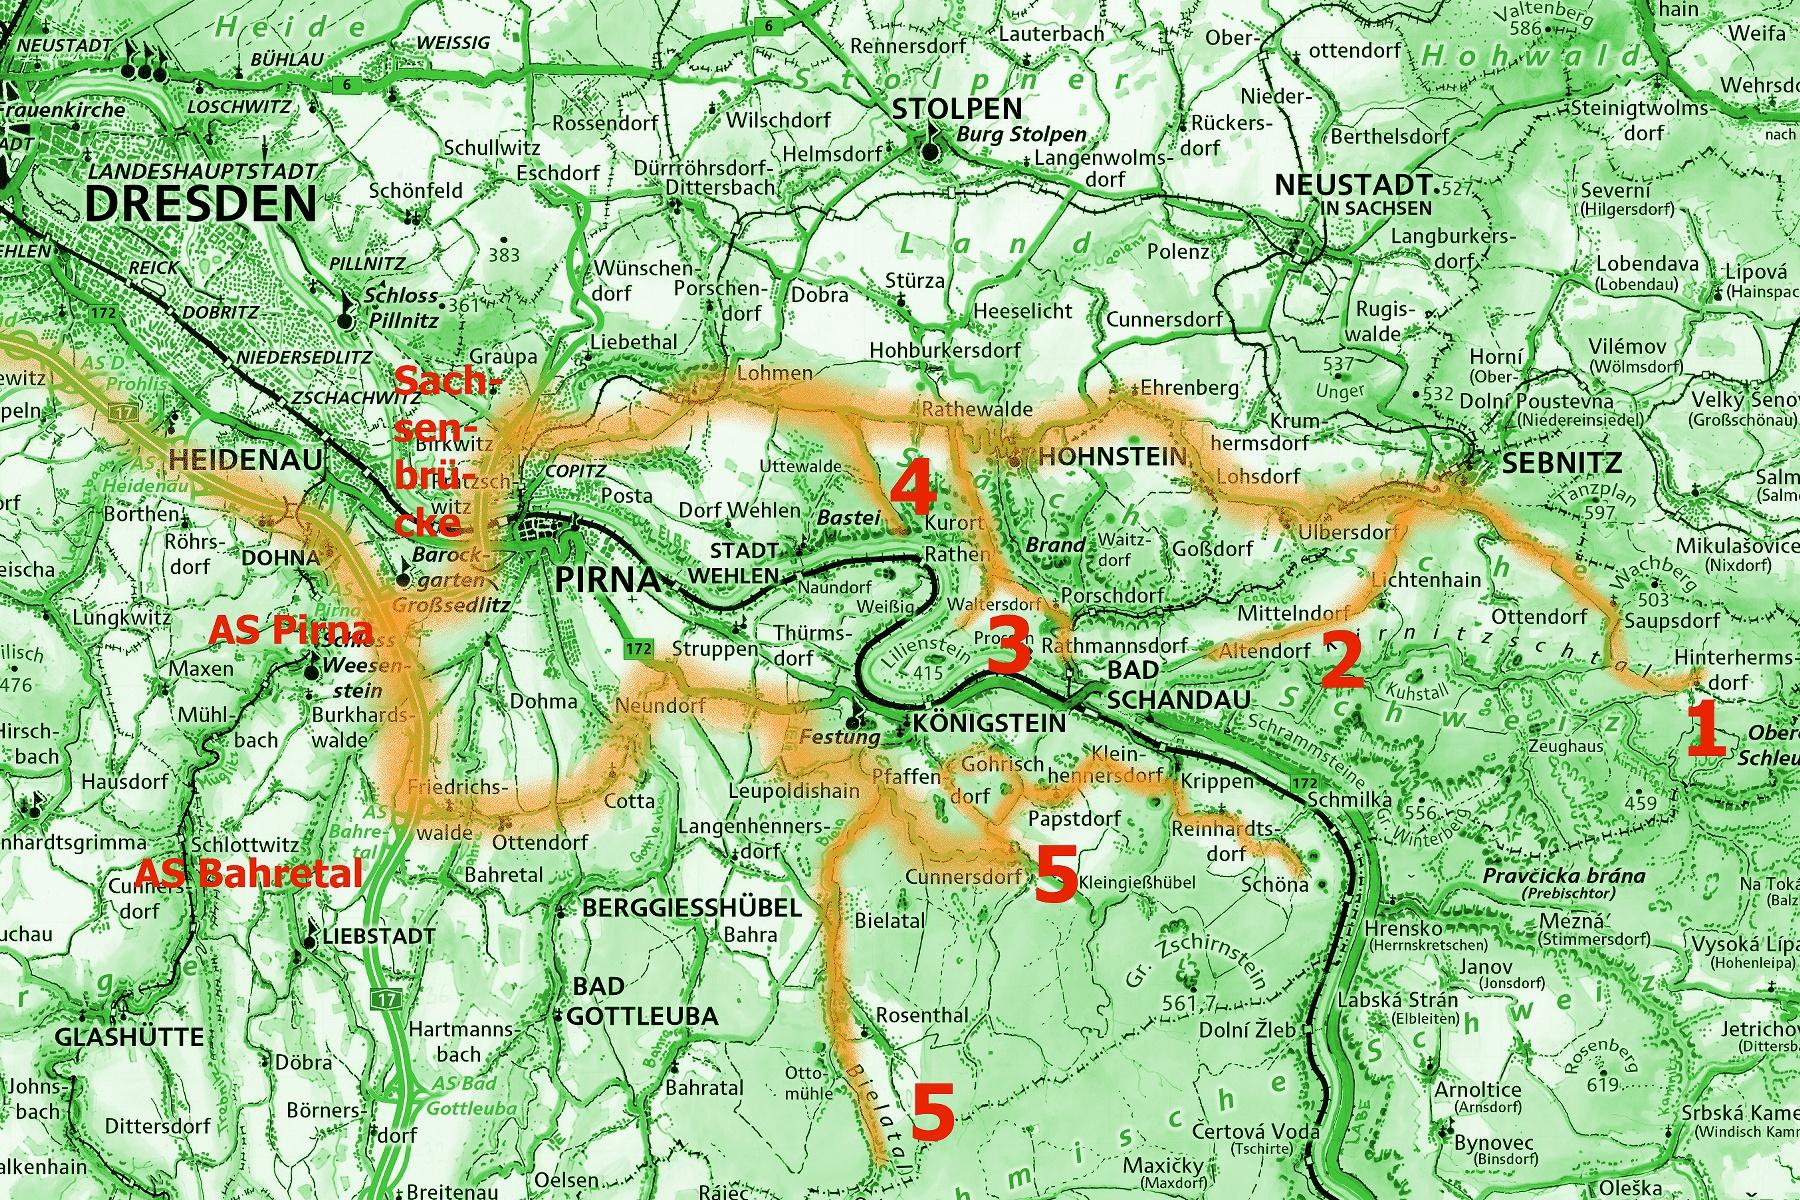 landkarte italien online